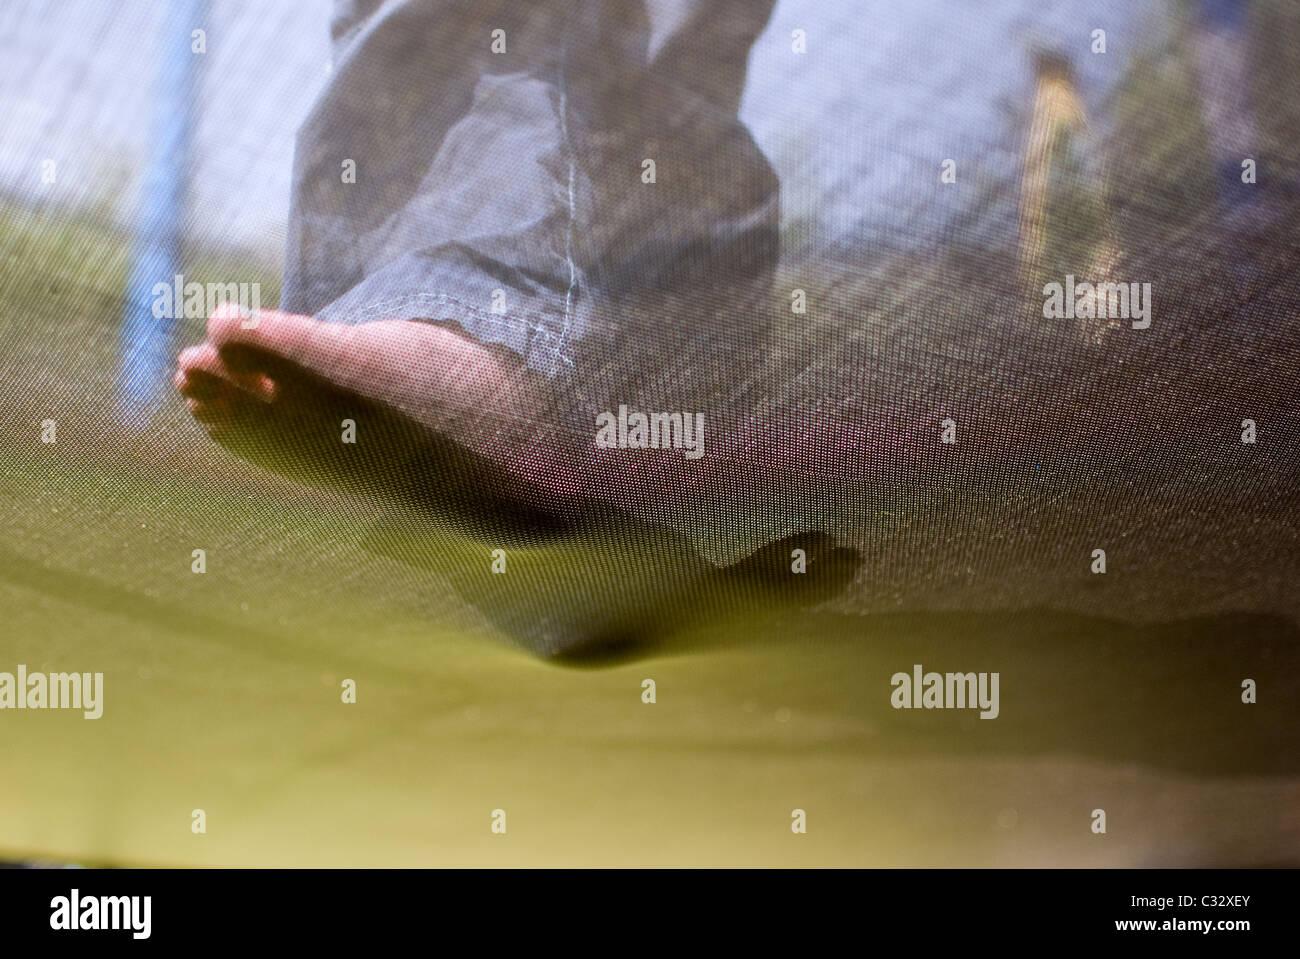 Al di sotto dei piedi sul trampolino,piedi nudi, piede, sogliola, passo,abstract,piedi sul trampolino,verruca,igiene Immagini Stock